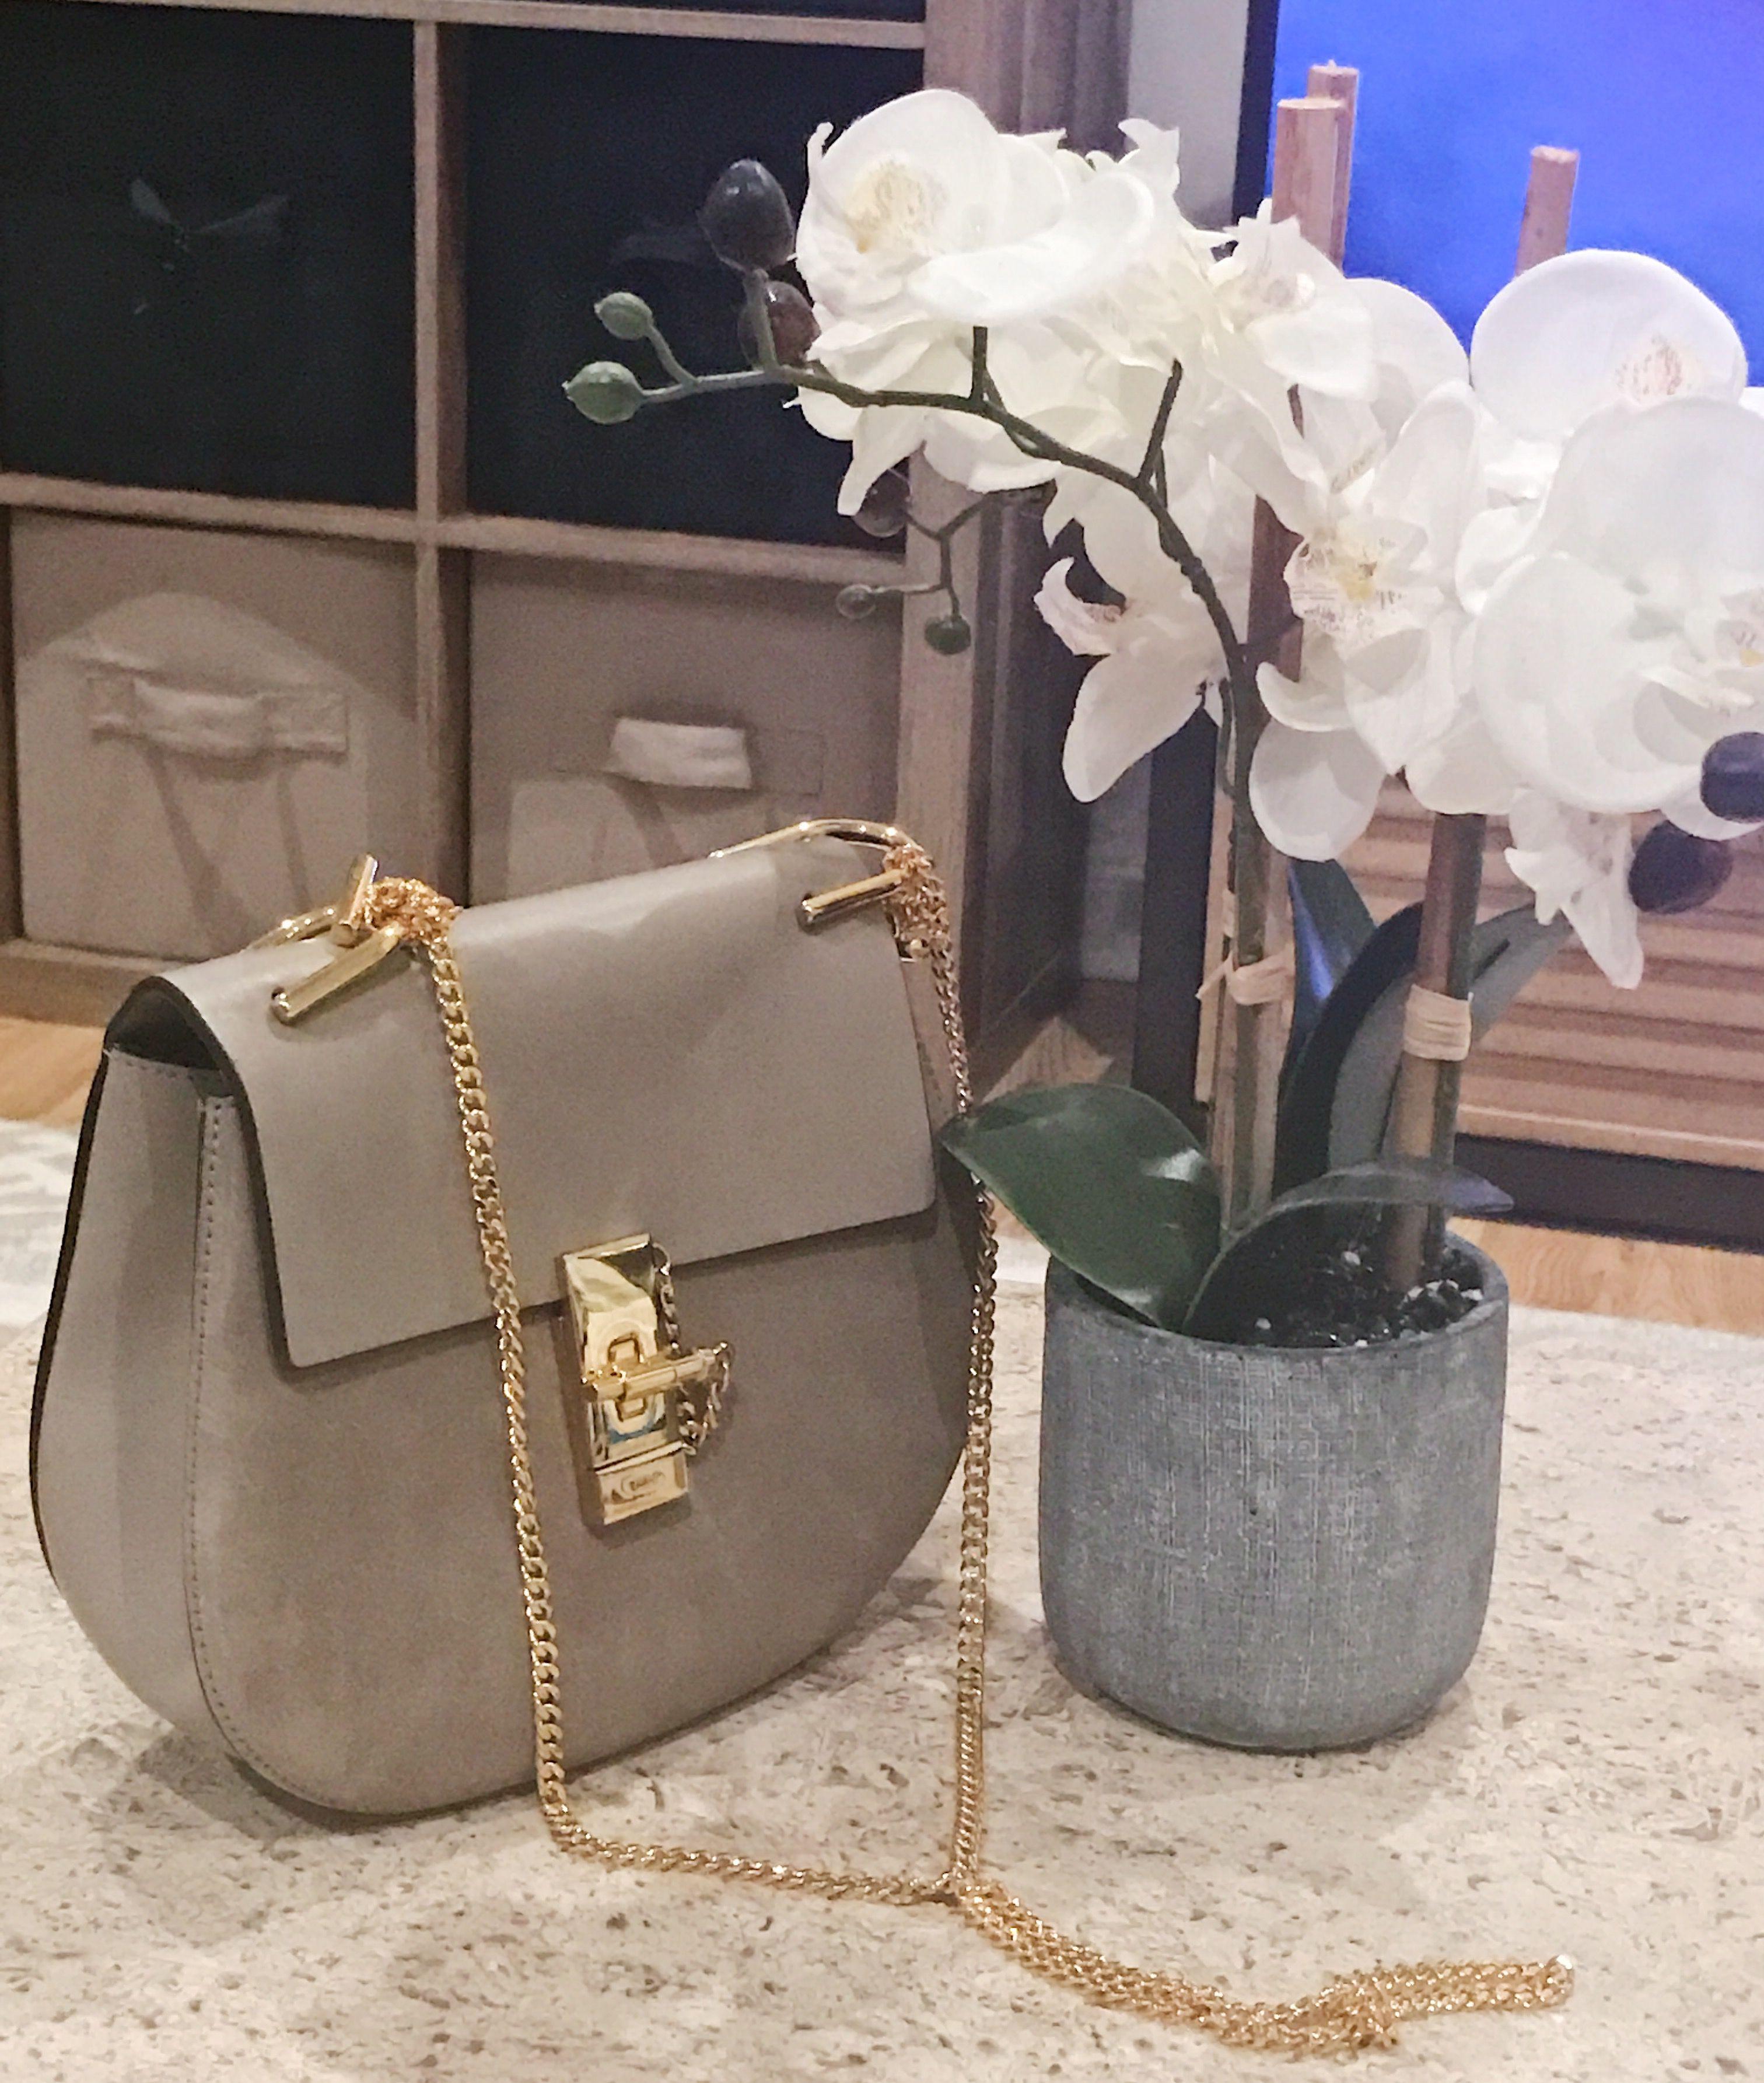 Chloe Small Drew bag Detailed review 6 months wear and tear  womenfashion   fashion  designerbag  chloedrew  drewbag f98ffa40c477